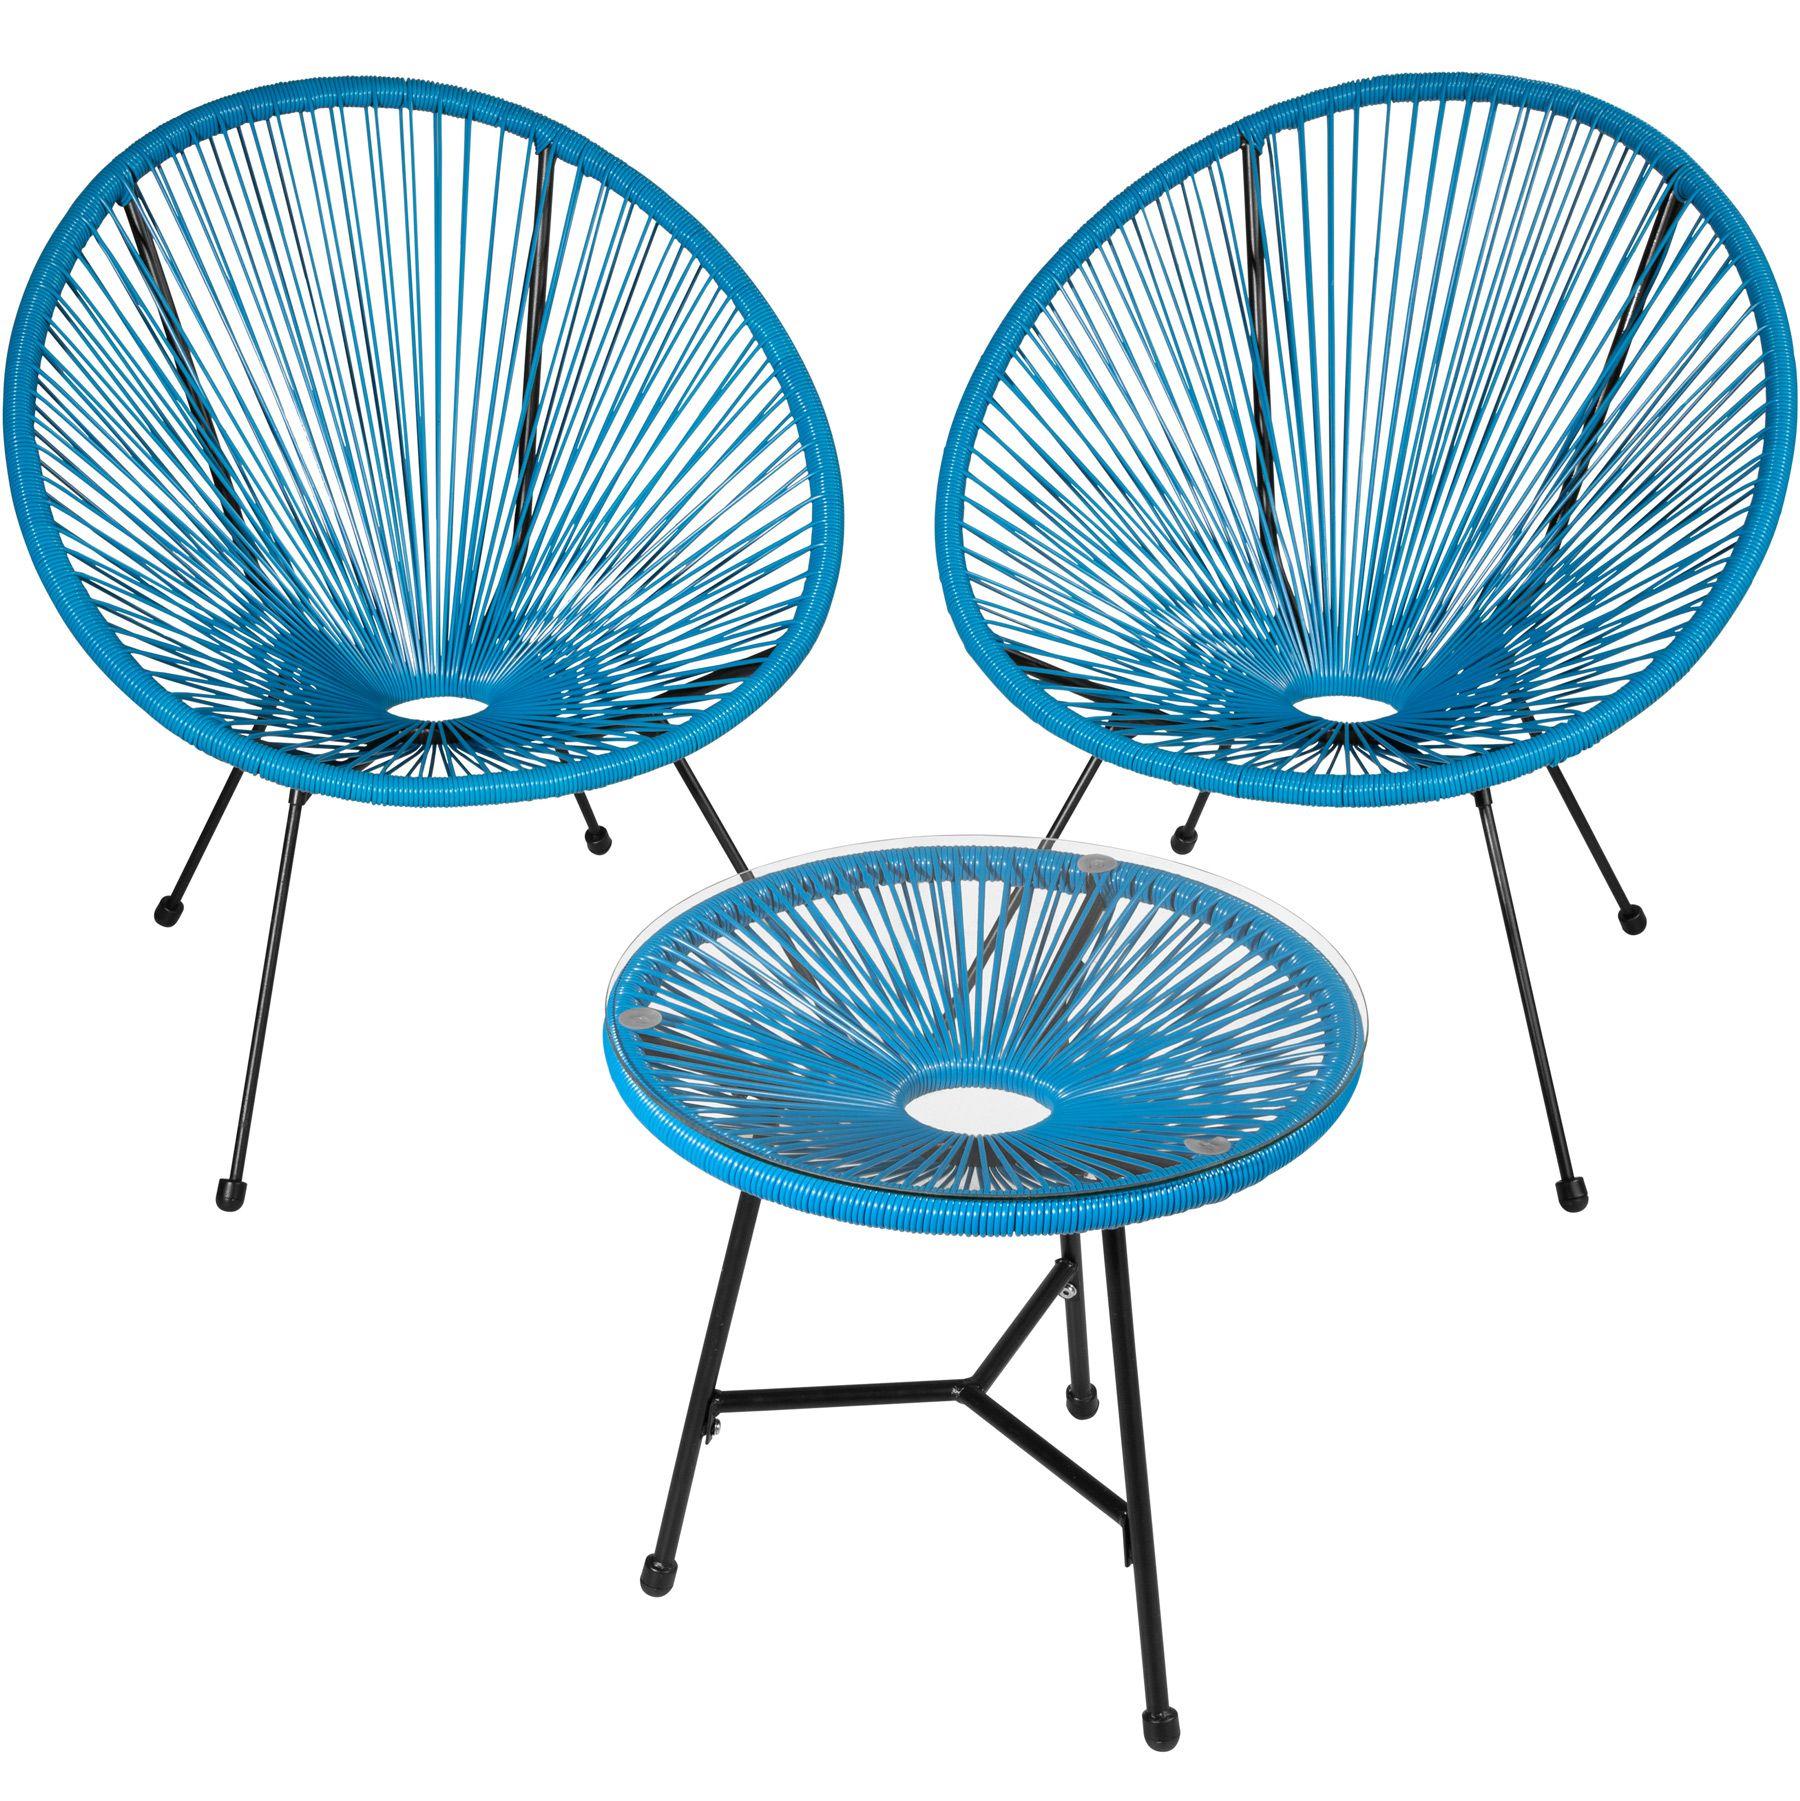 Sedie A Forma Di Sedere Costo dettagli su set di 2x sedie tavolo prendisole giardino relax poltrone  outdoor mobili nuovo n